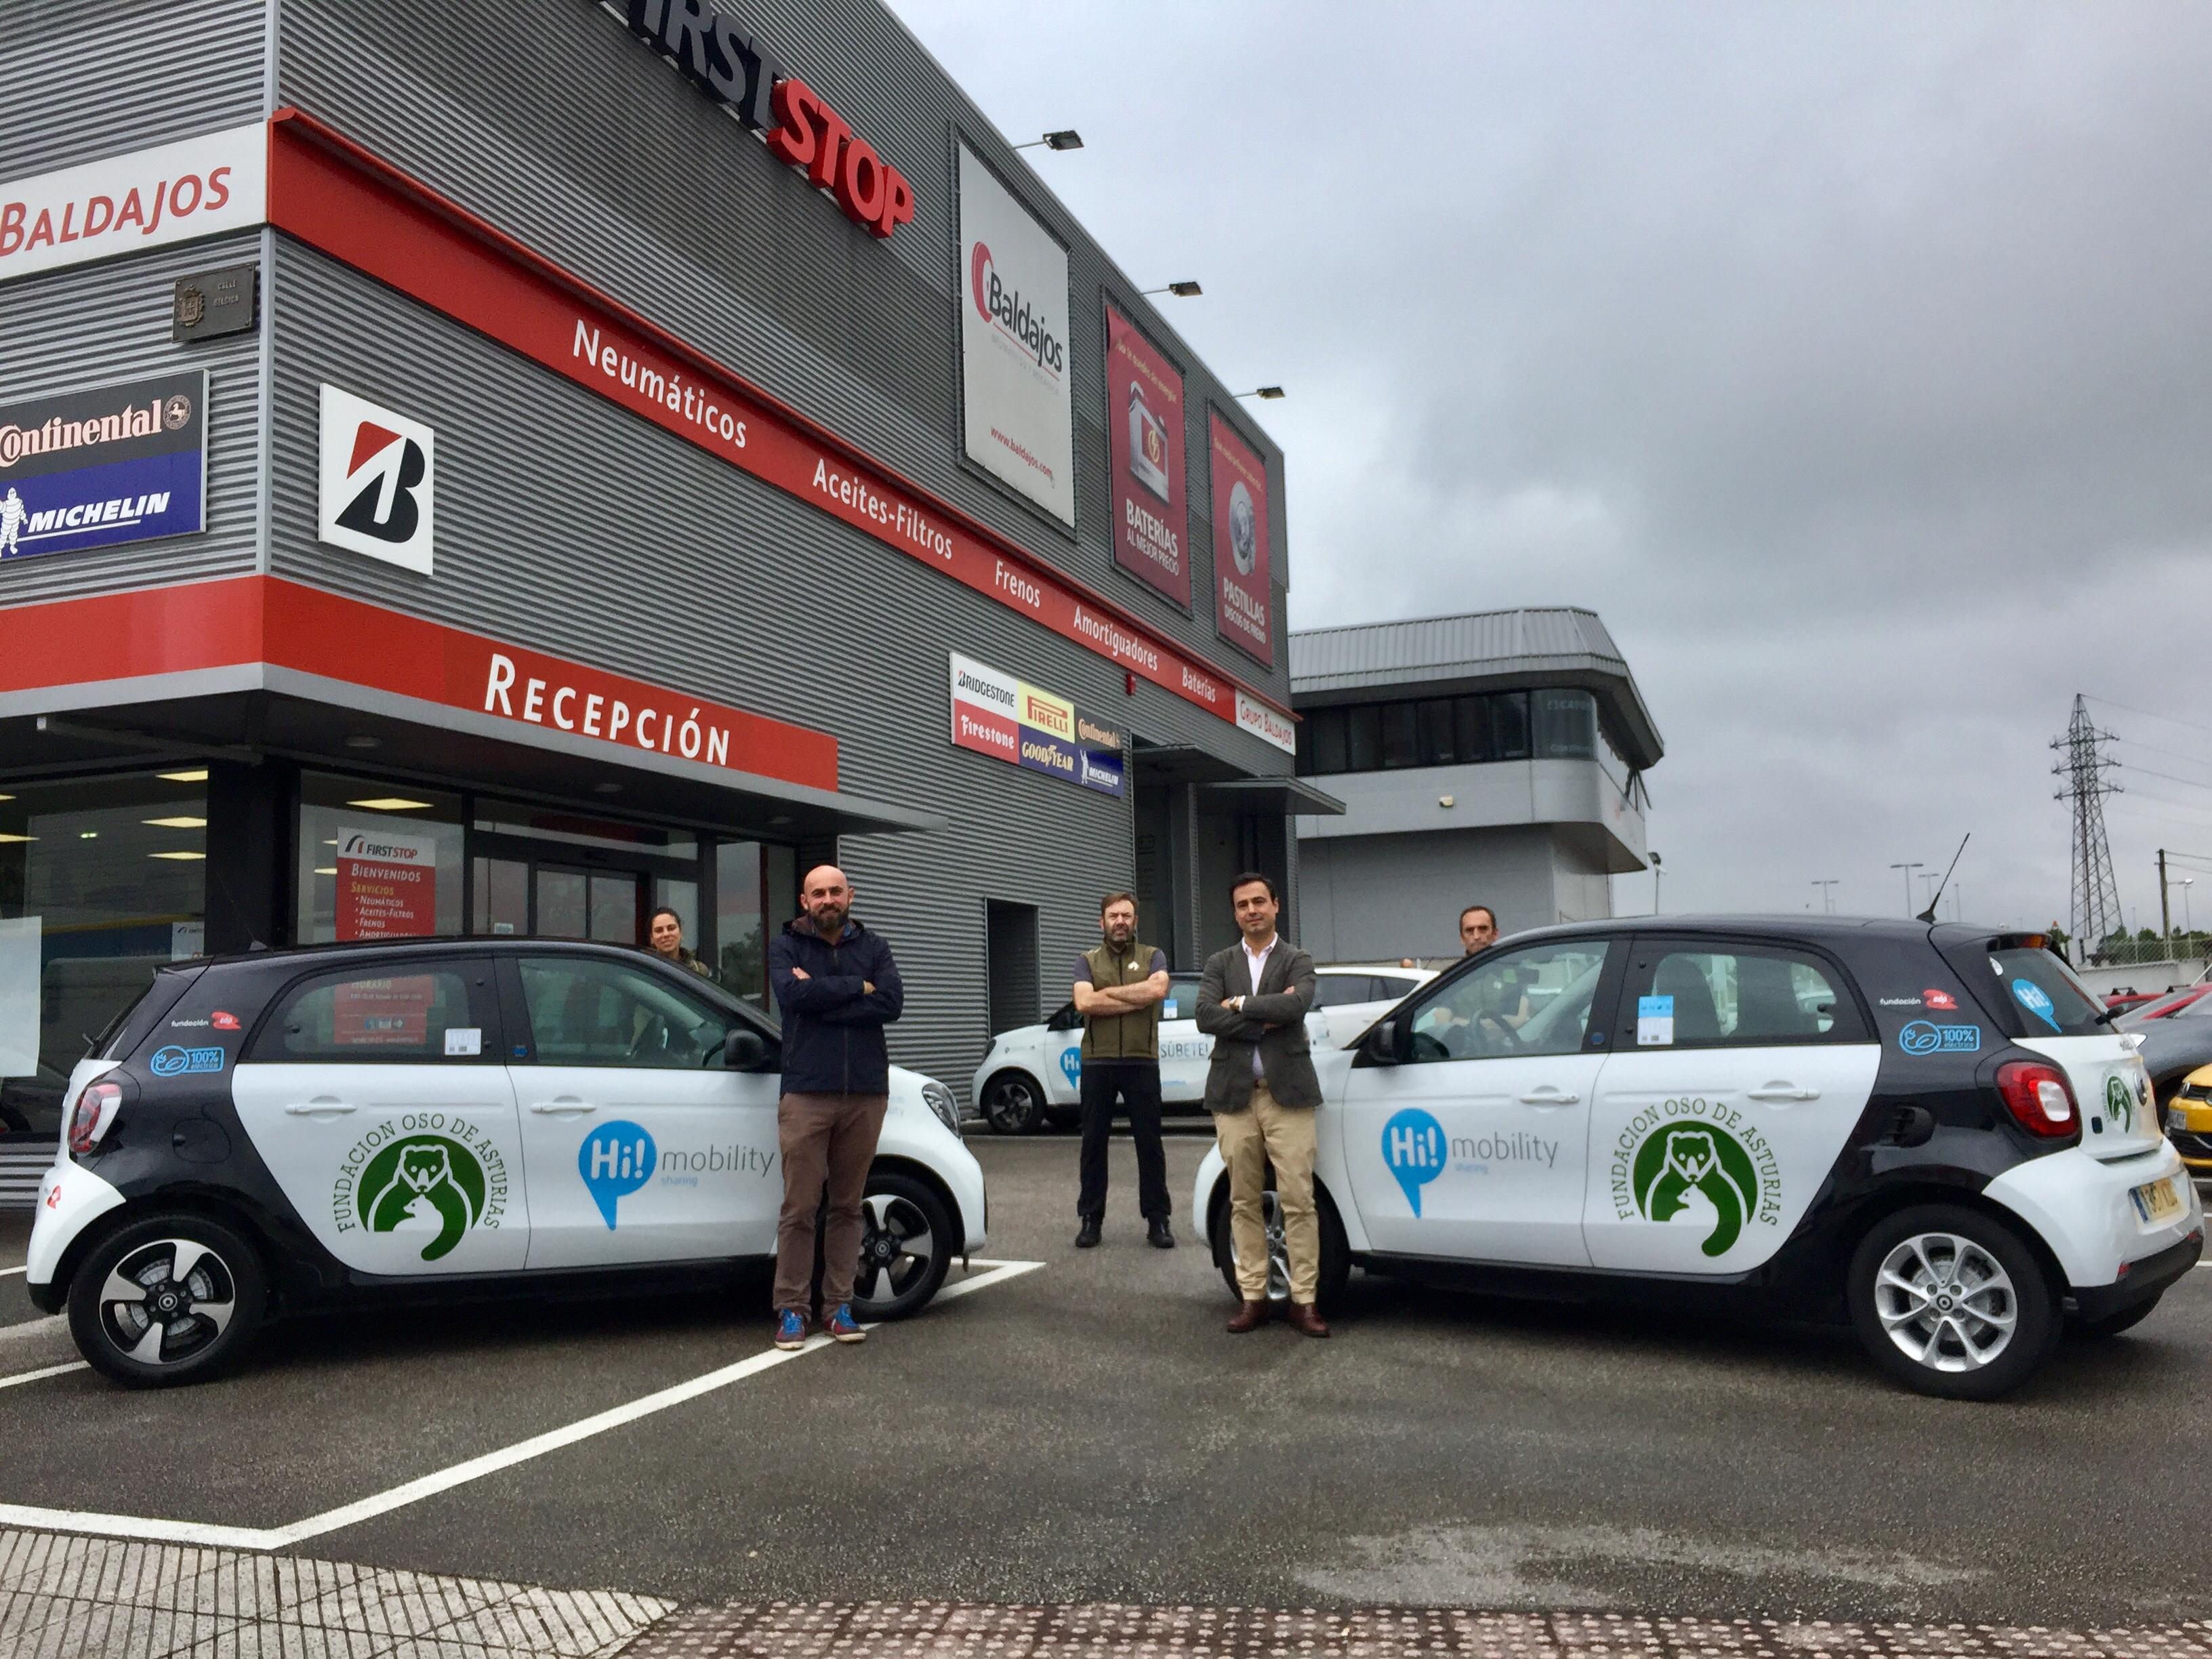 Informadores ambientales de la Fundación Oso de Asturias dispondrán de vehículos 100% eléctricos